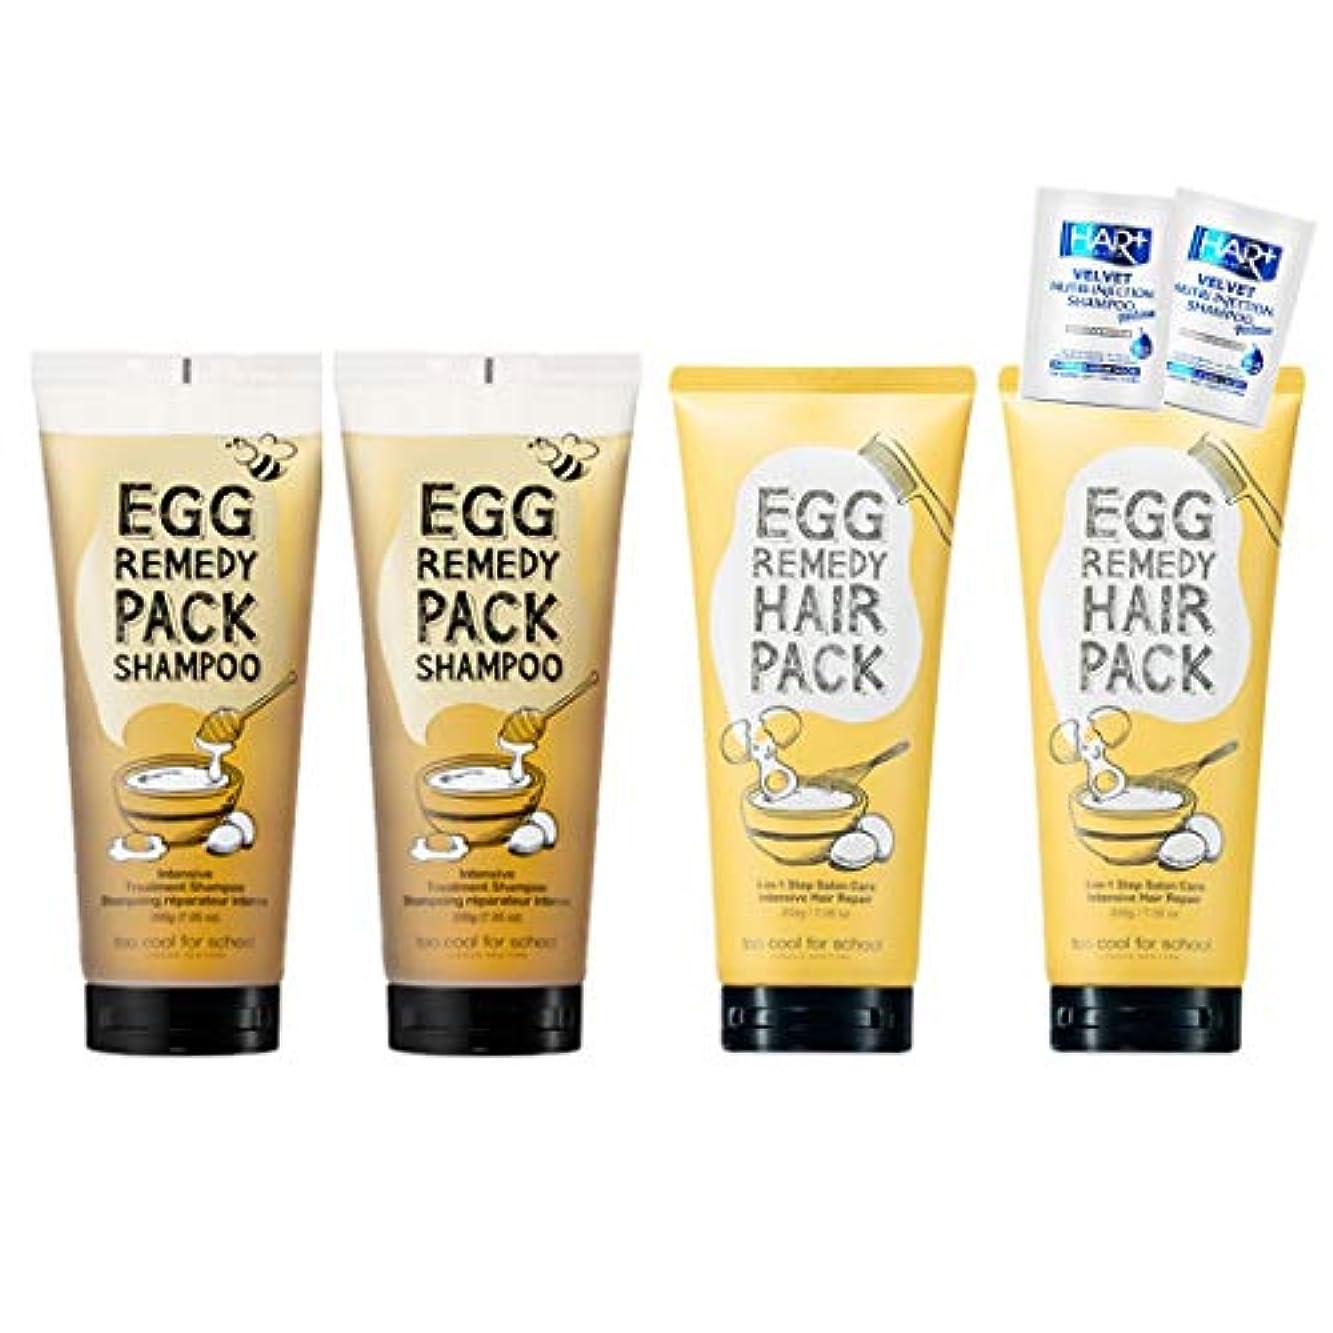 愛国的なロータリー荒廃するトゥークールフォ―スクール(too cool for school)/エッグレミディパックシャンプーtoo cool for school Egg Remedy Pack Shampoo 200ml X 2EA + エッグレミディヘアパック...